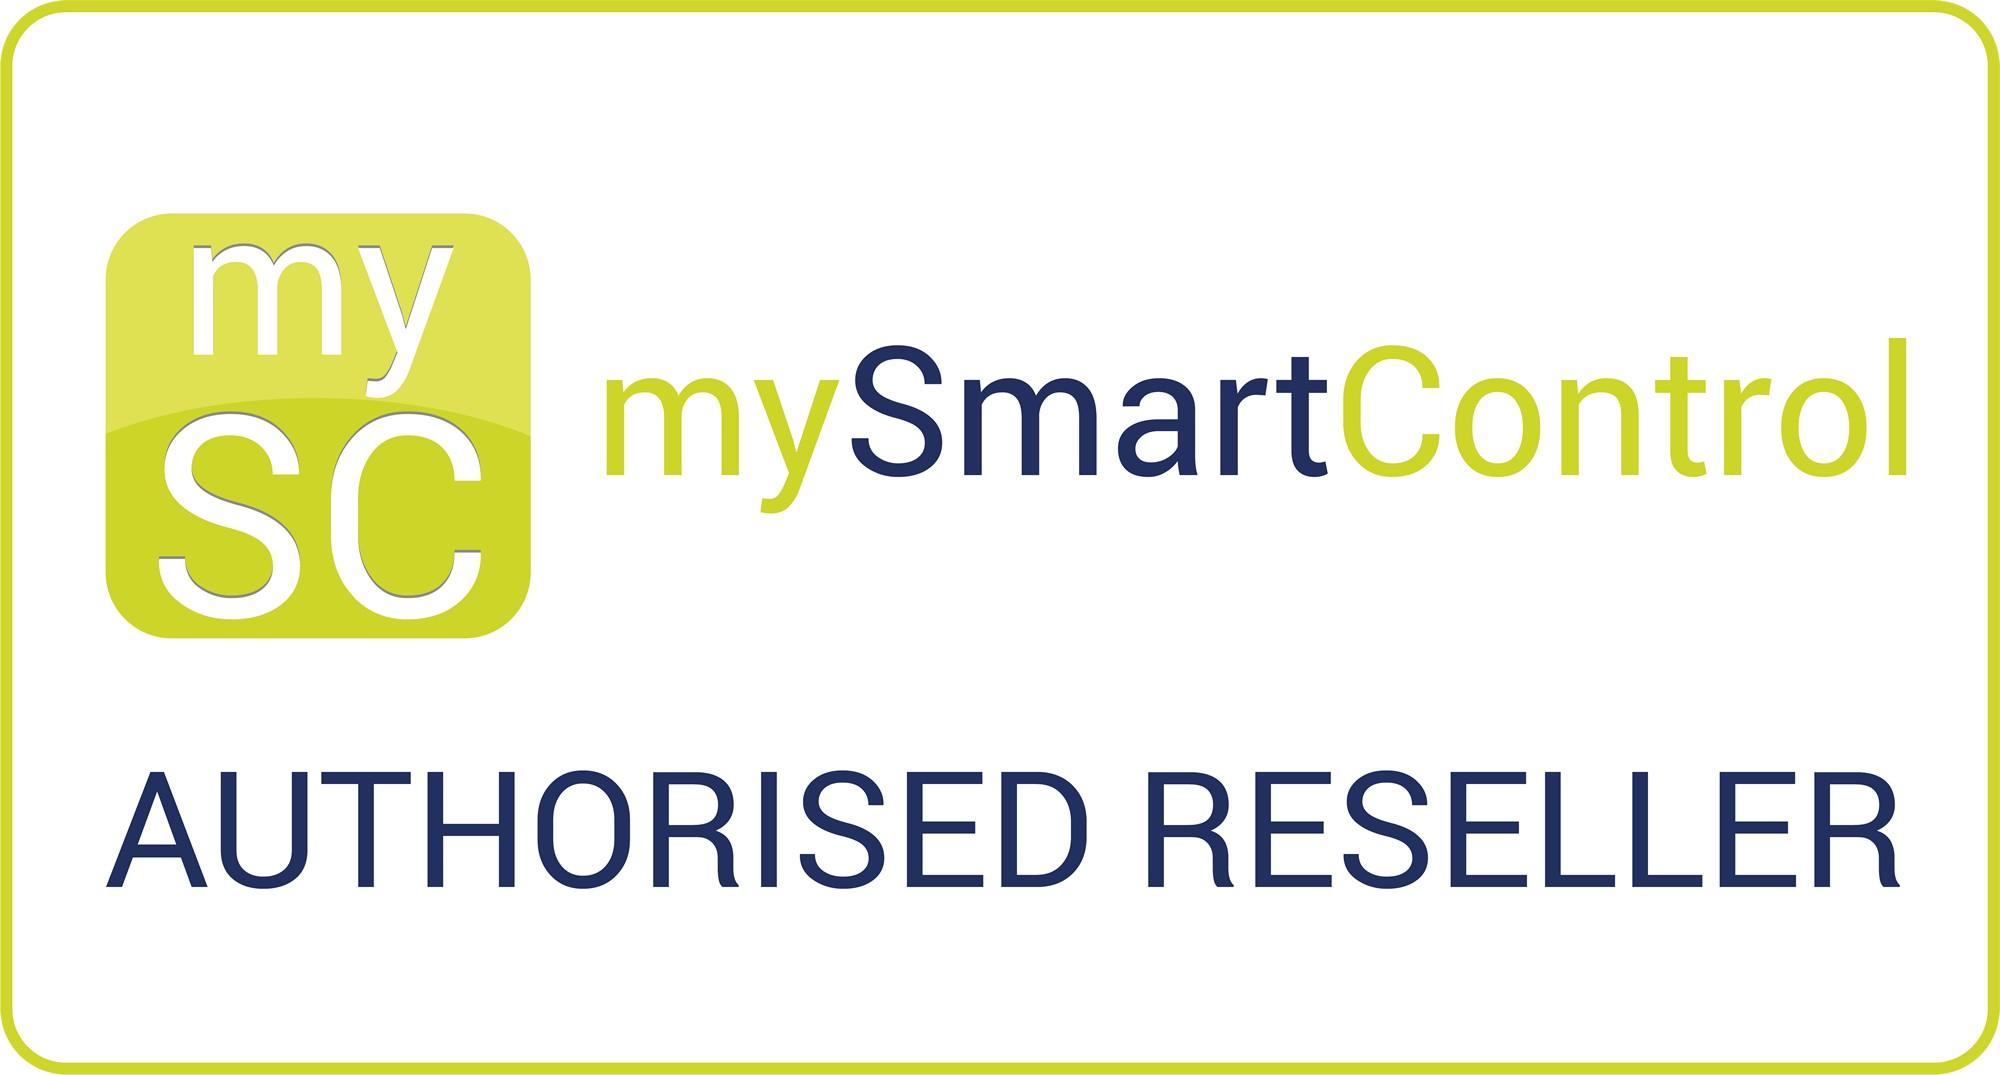 Meld u aan als reseller mySmartControl